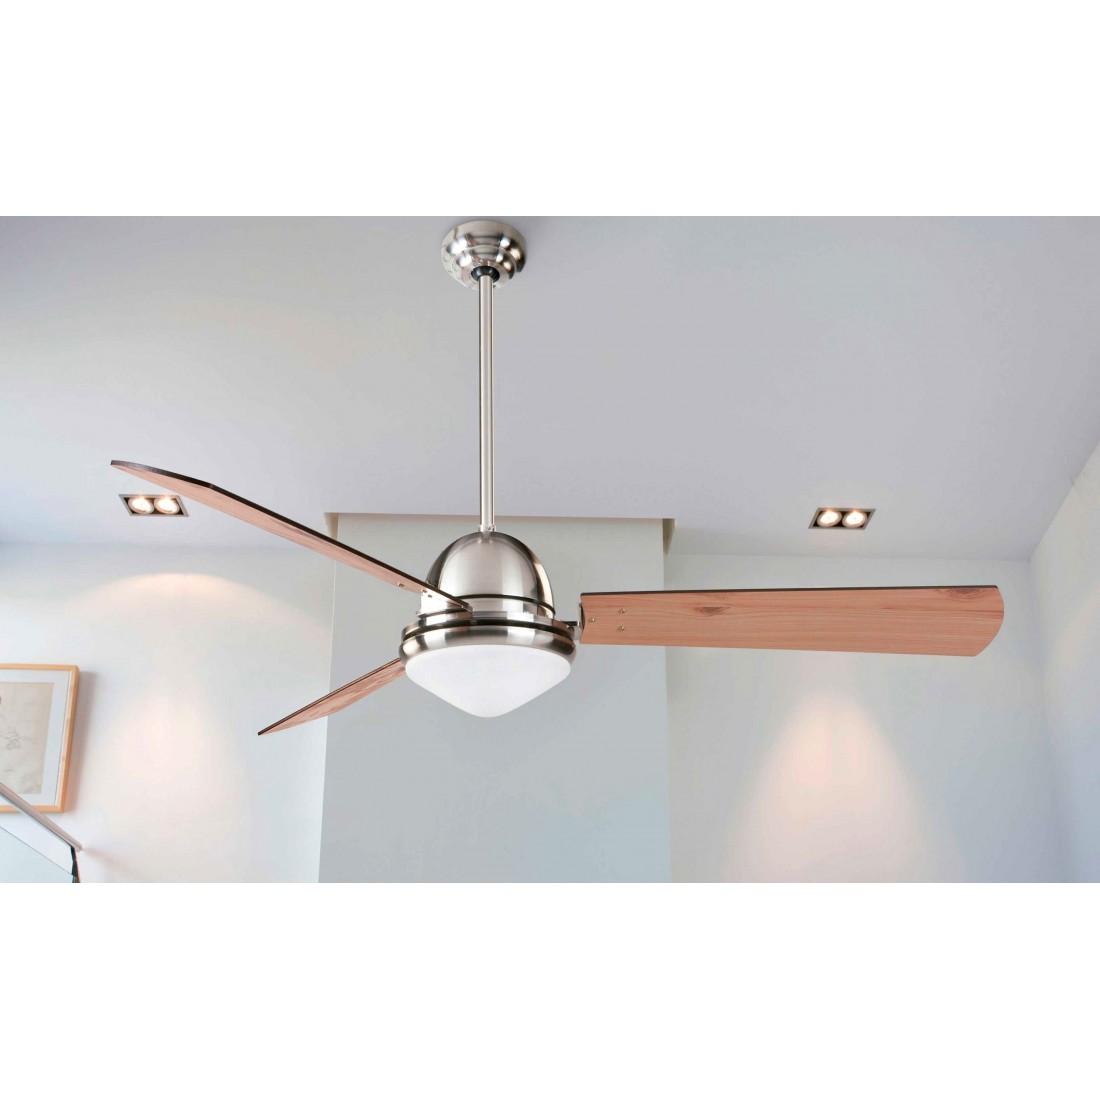 Ventilador de techo con luz y mando ai29 - Luz de techo ...